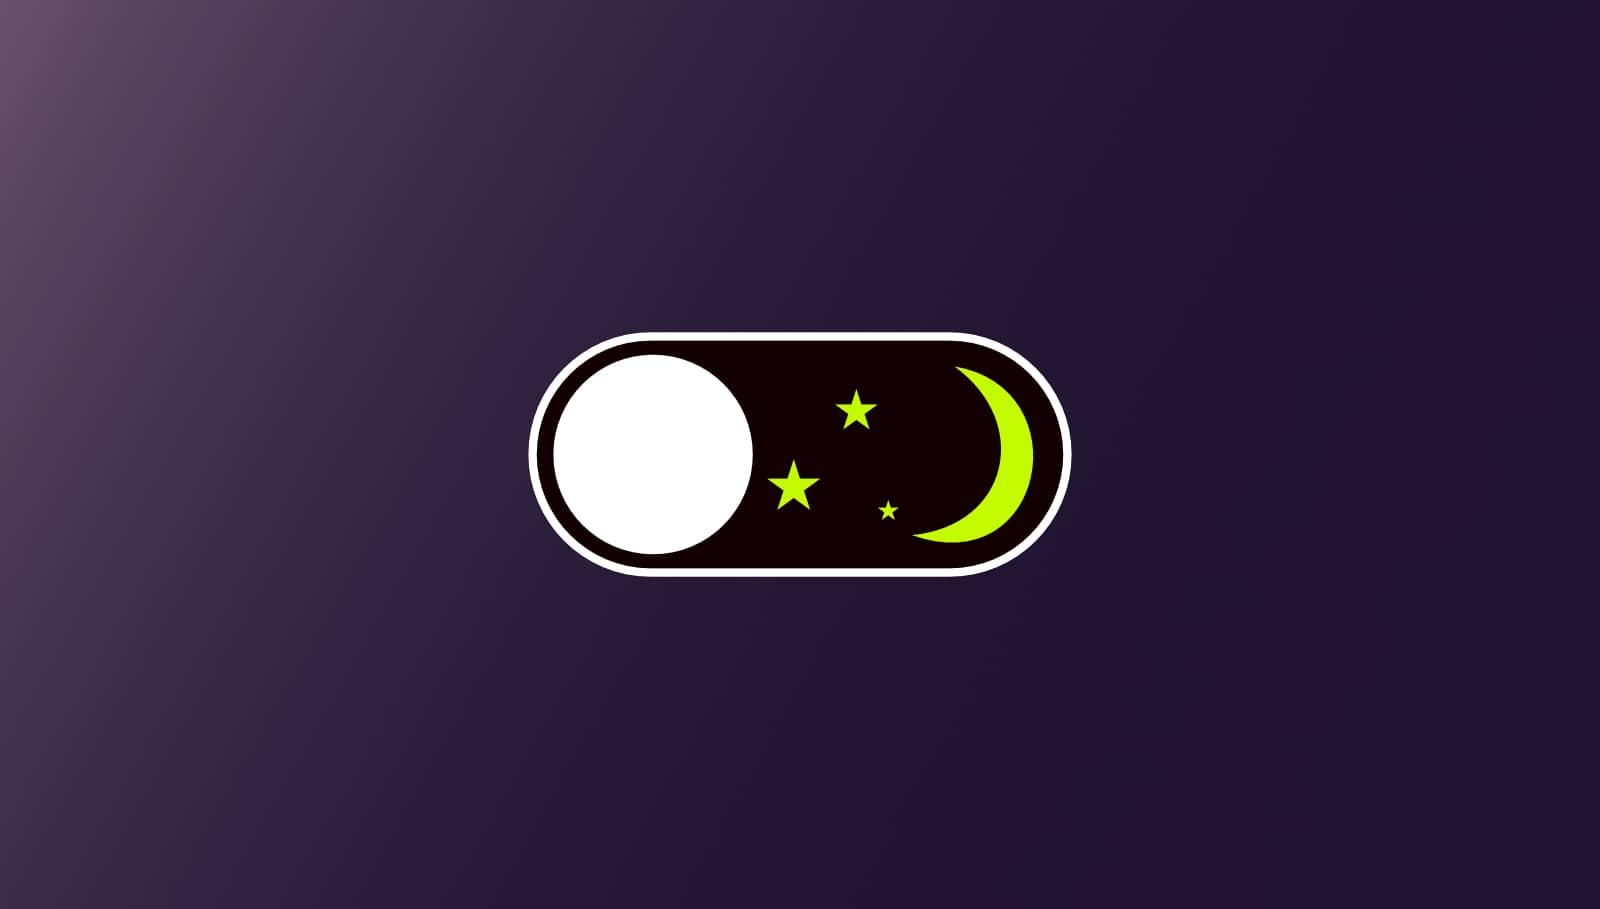 Online Business aufbauen - Darkmode Abbildung durch dunklen Button mit Sternensymbolen